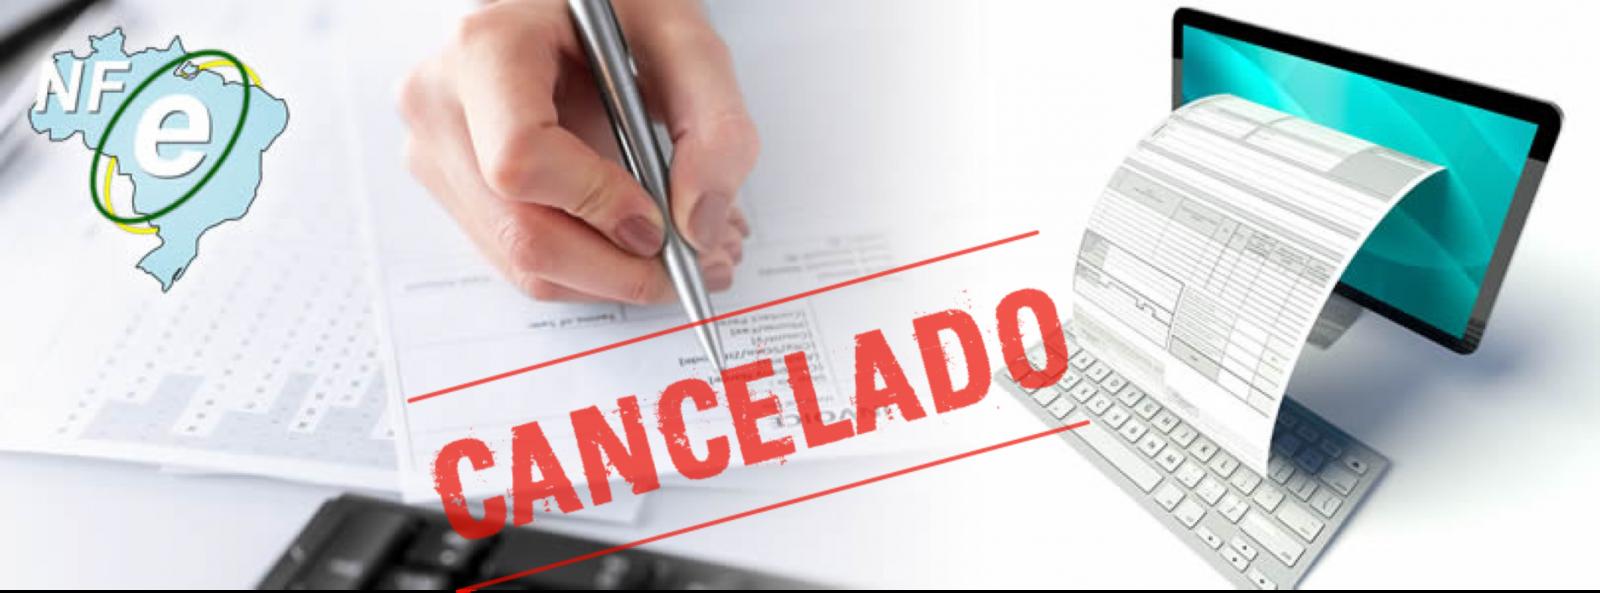 Você sabe como cancelar uma nota fiscal eletrônica?